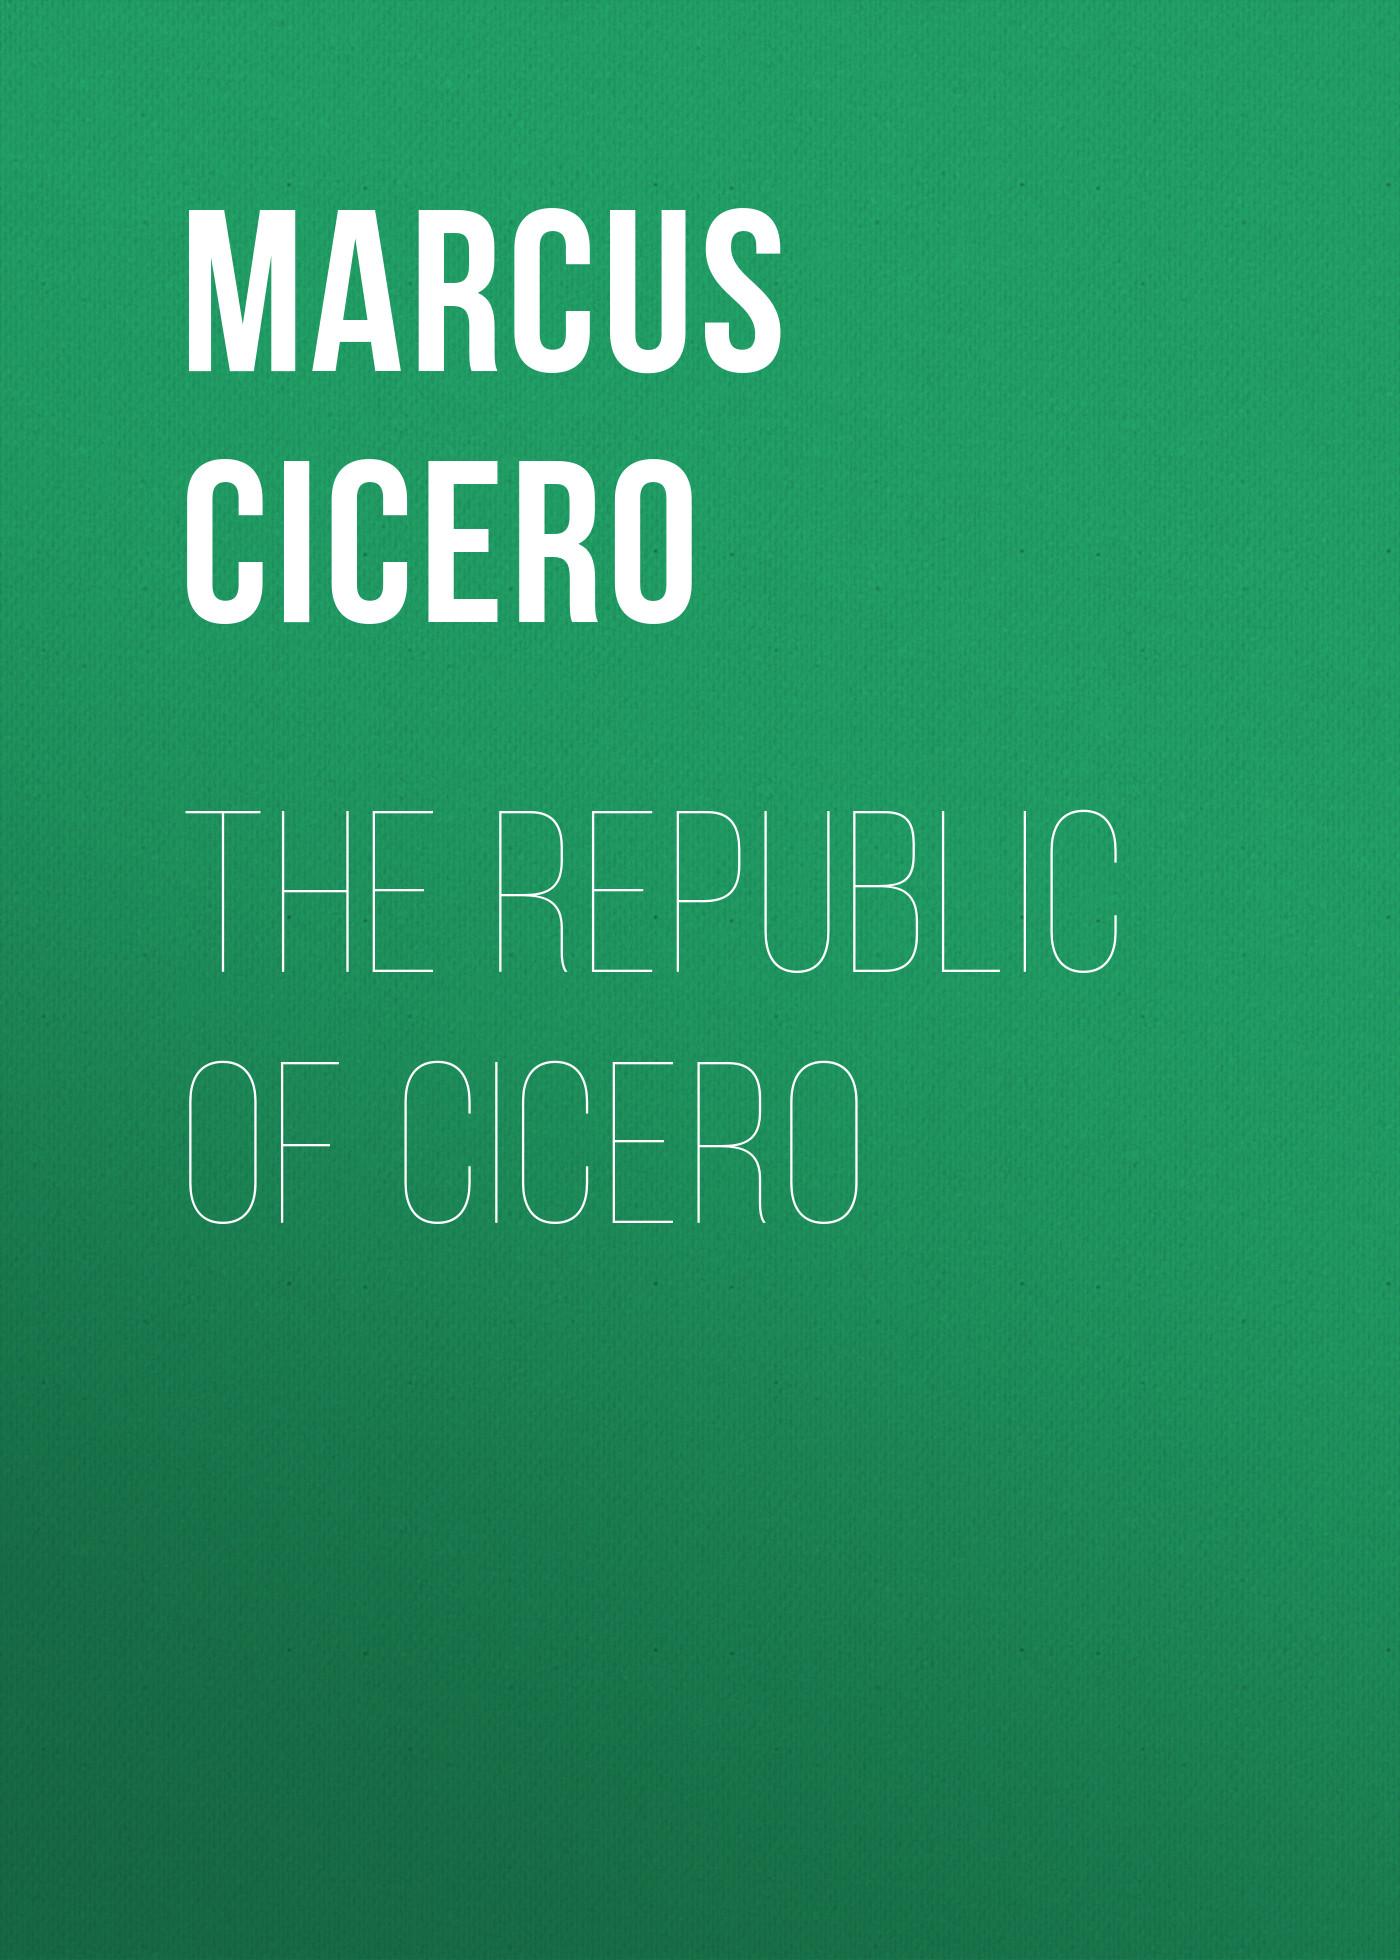 Marcus Cicero The republic of Cicero marcus tullius cicero laelius de amicitia dialogus mit einem commentar